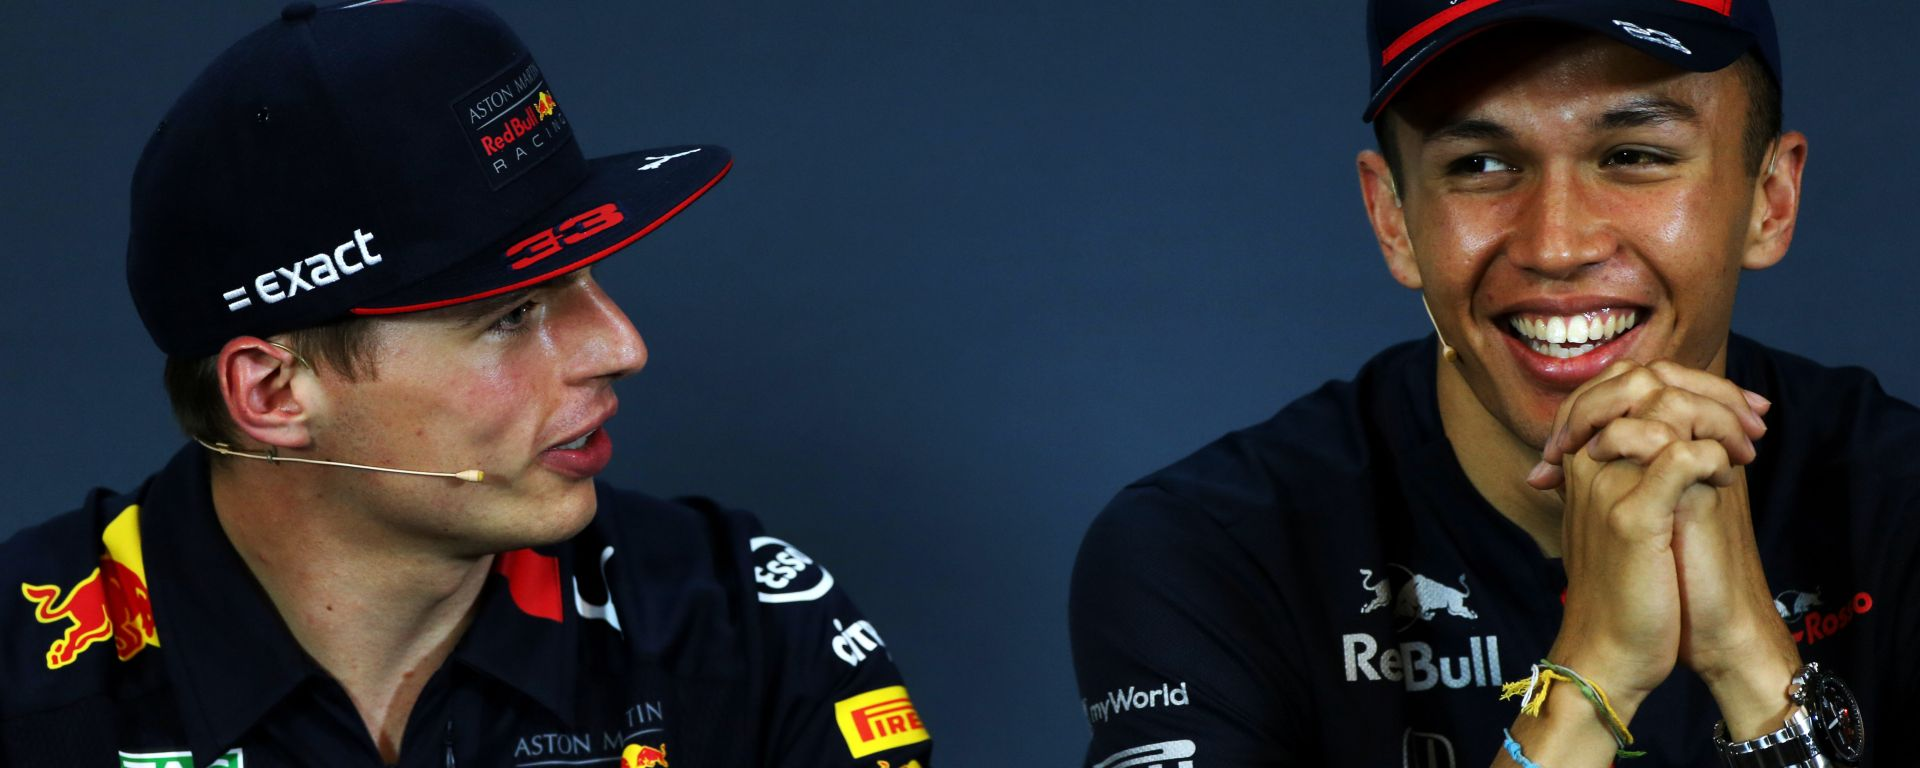 Max Verstappen e Alex Albon nella conferenza stampa del giovedì al GP Austria 2019, Spielberg